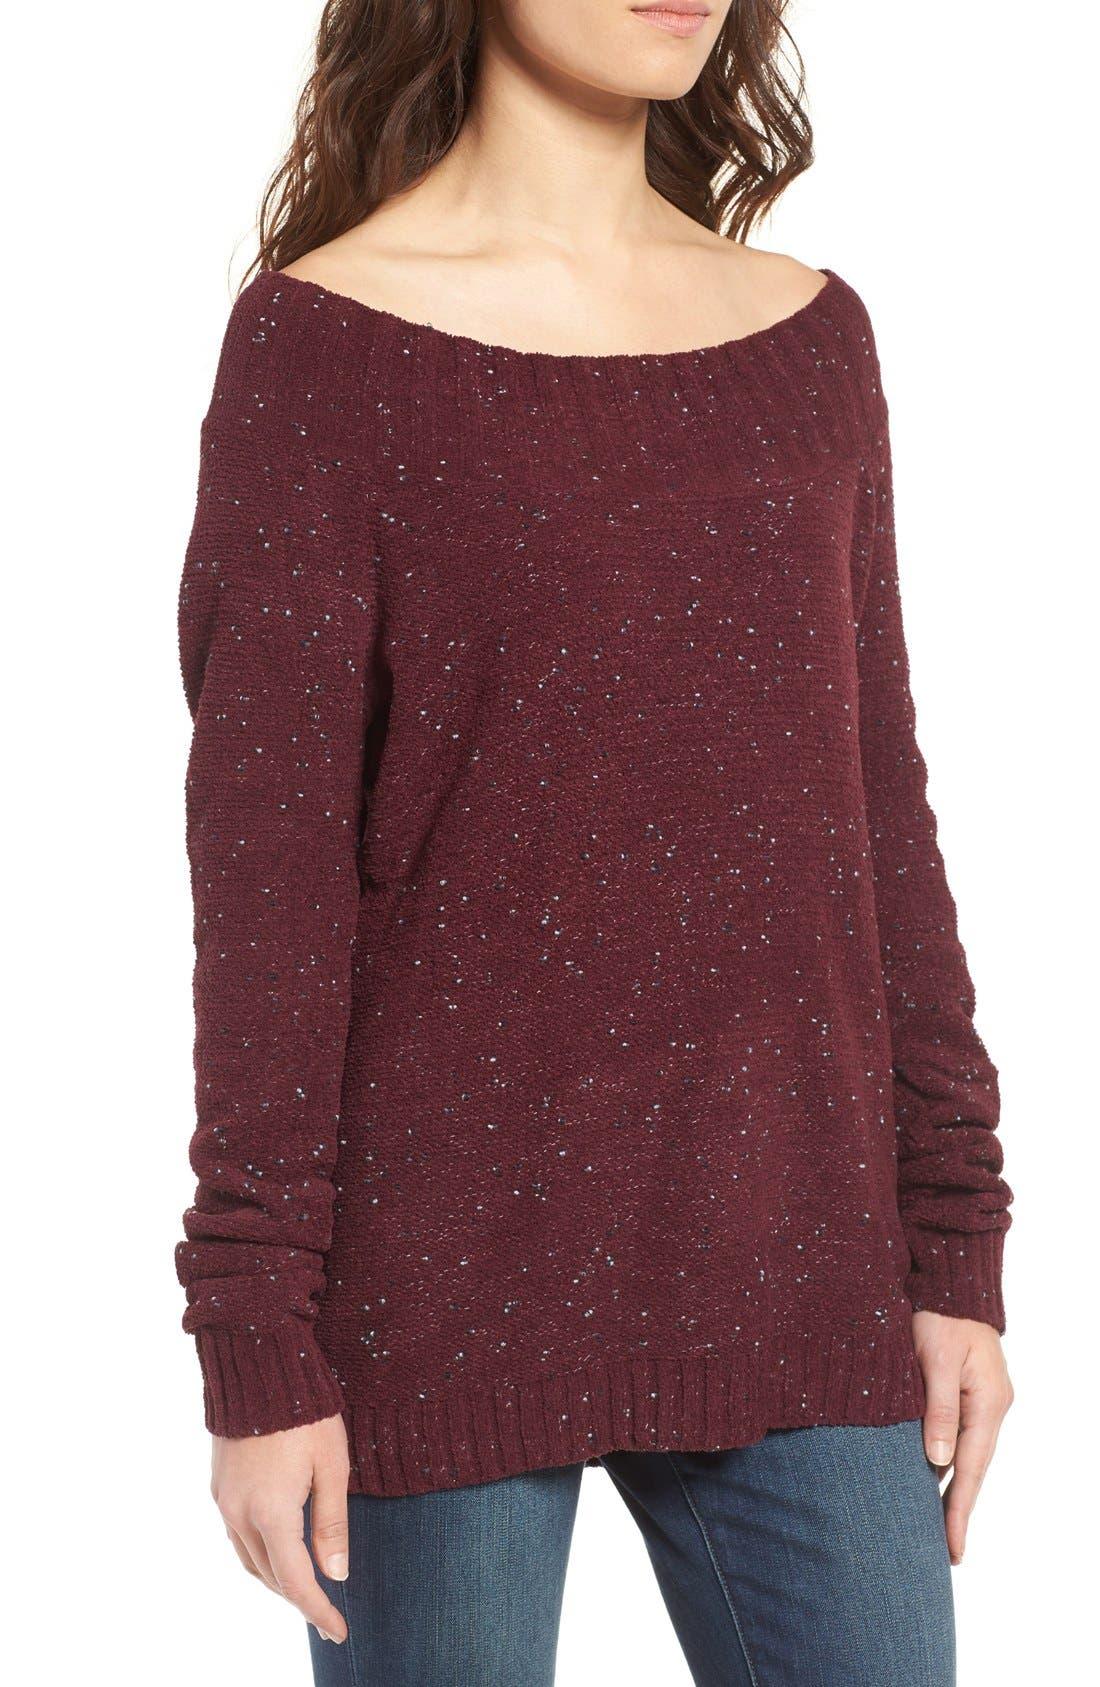 'Marilyn' Sweater,                             Alternate thumbnail 3, color,                             Burgundy Stem Chenille Combo